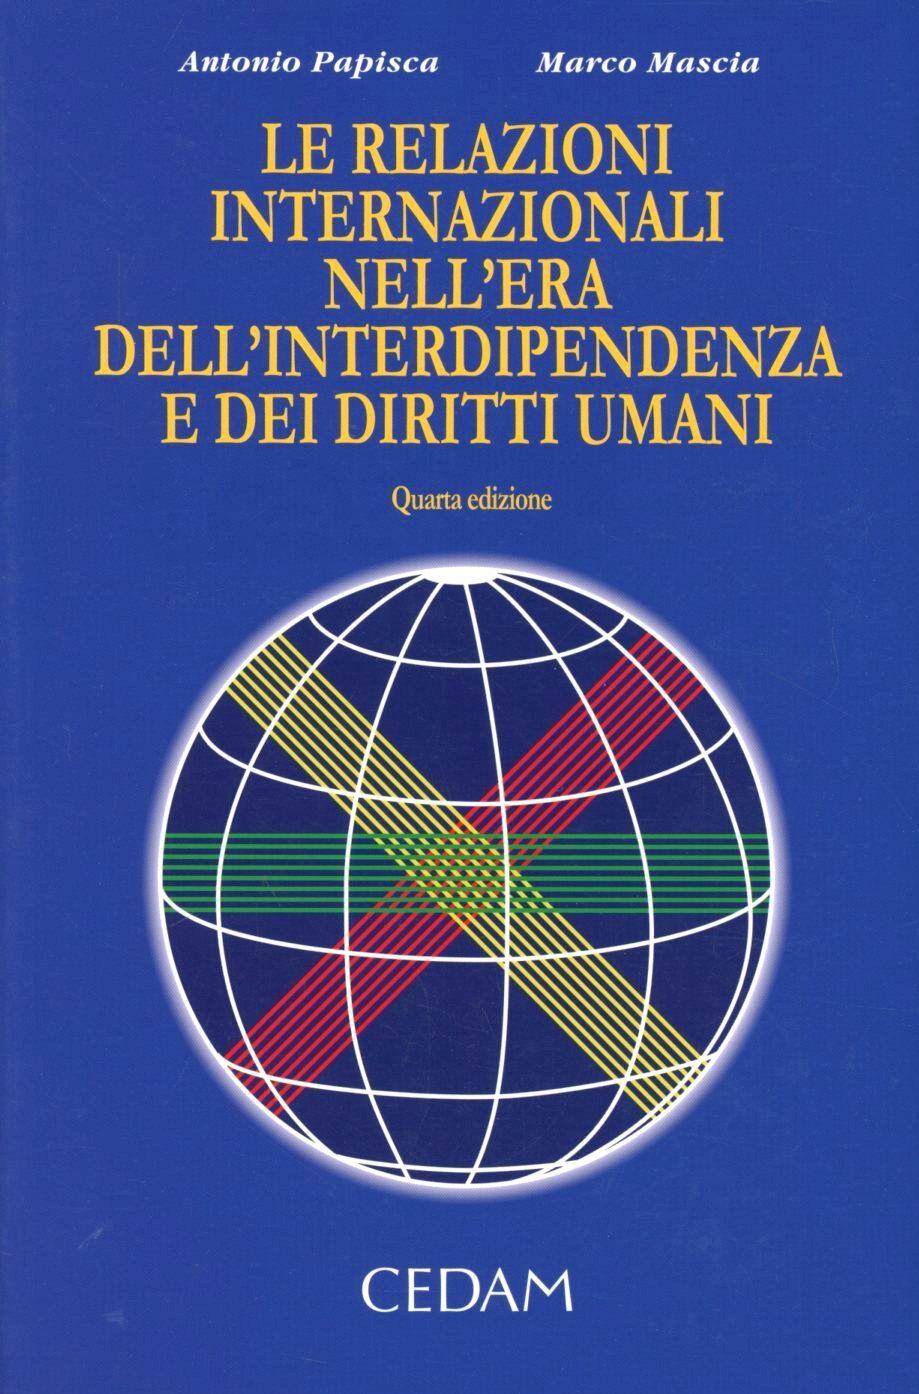 Le relazioni internazionali nell'era dell'interdipendenza e dei diritti umani